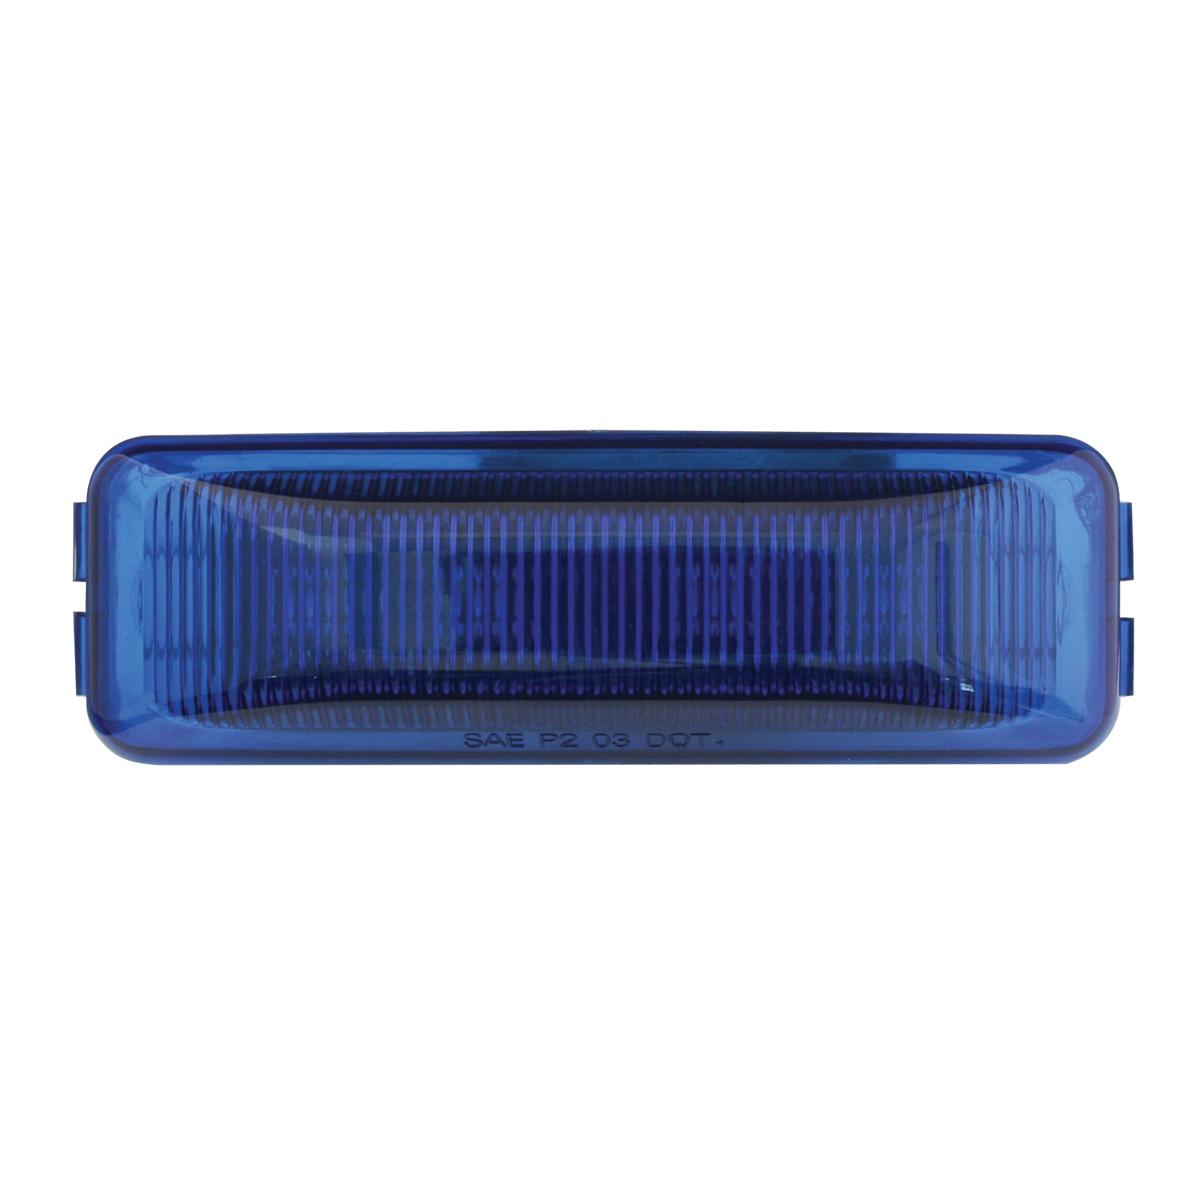 84443 Medium Rectangular LED Marker Light in Blue/Blue